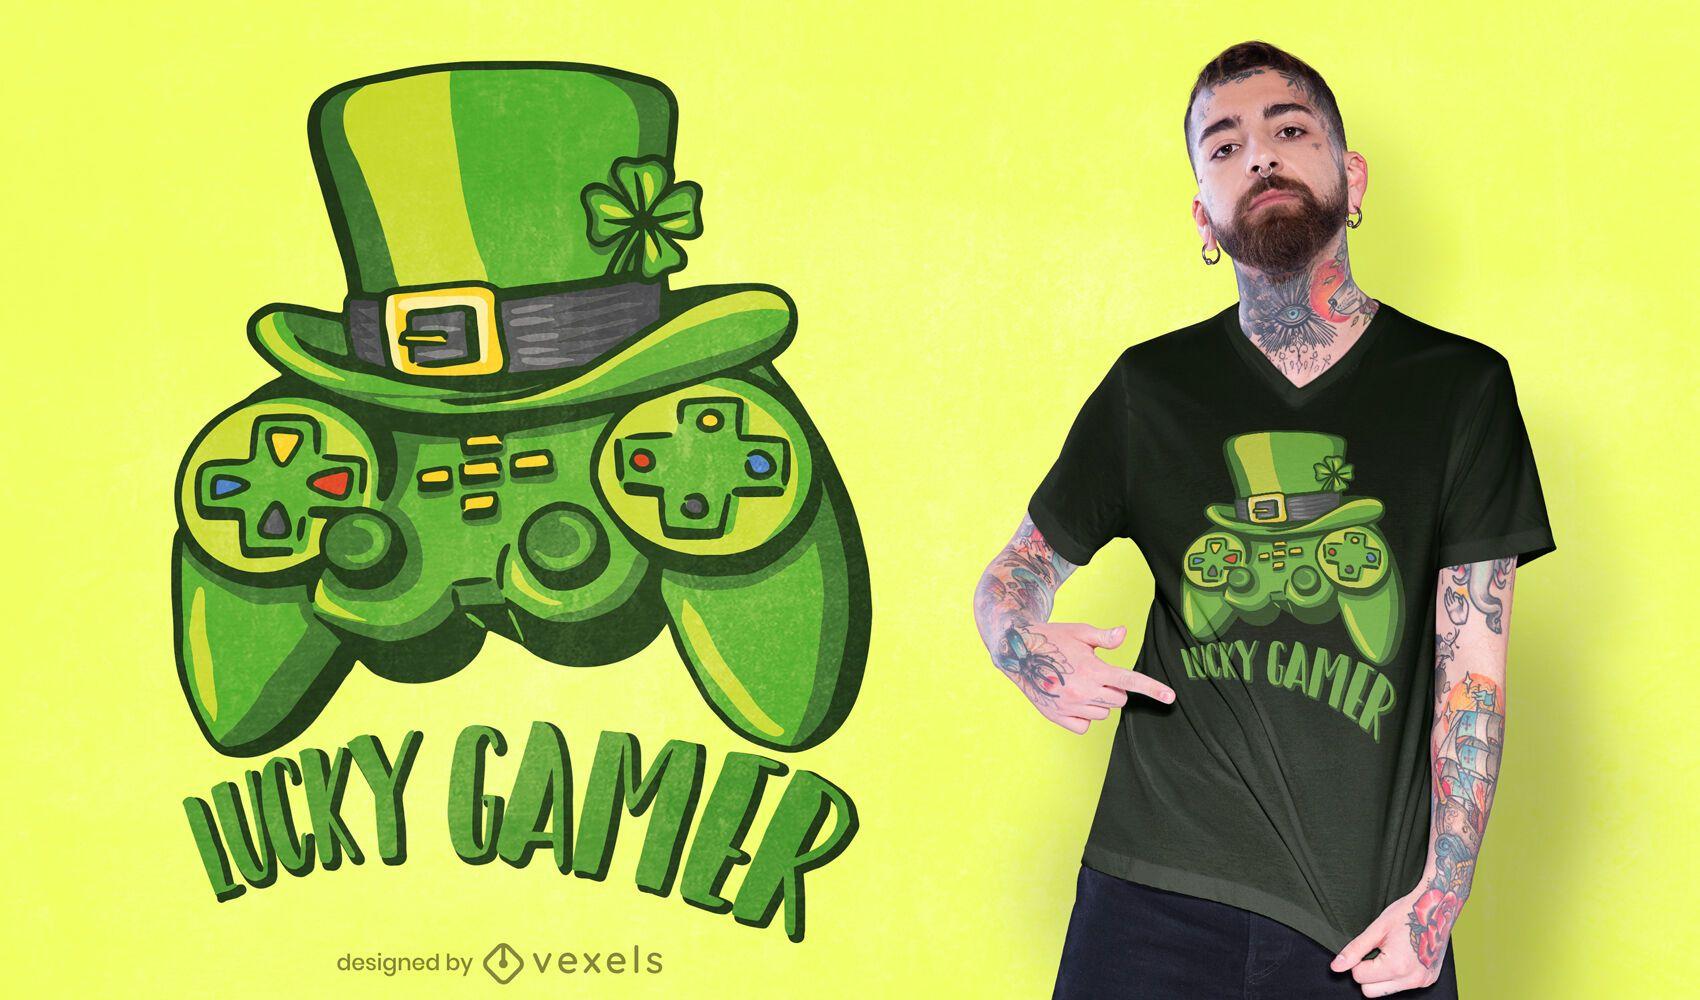 Lucky gamer t-shirt design